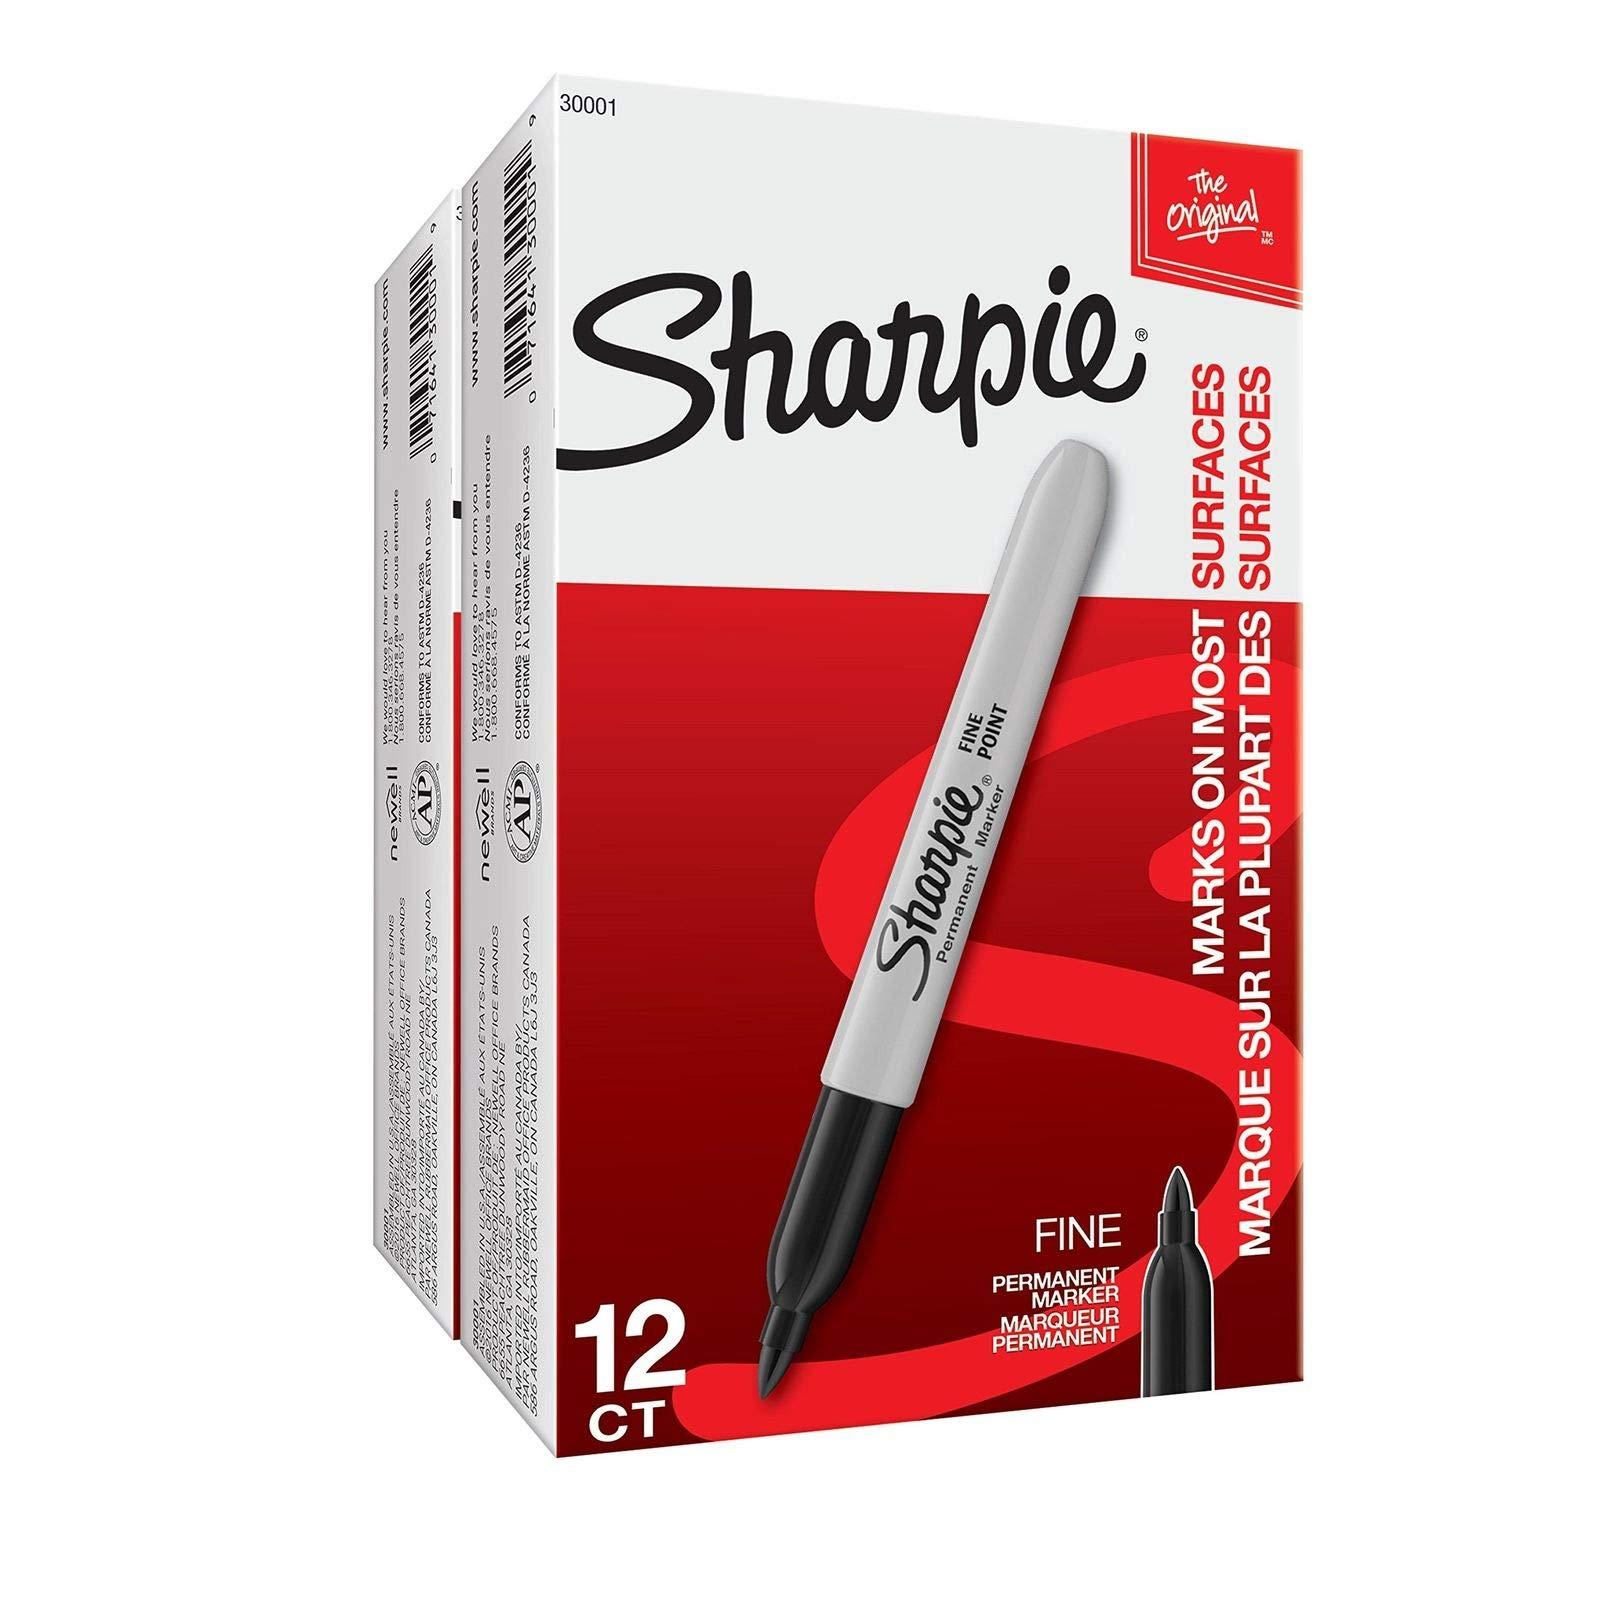 Sharpie Fine Tip Permanent Marker Black (30001) Case of 24 Dozens by Sharpie (Image #1)